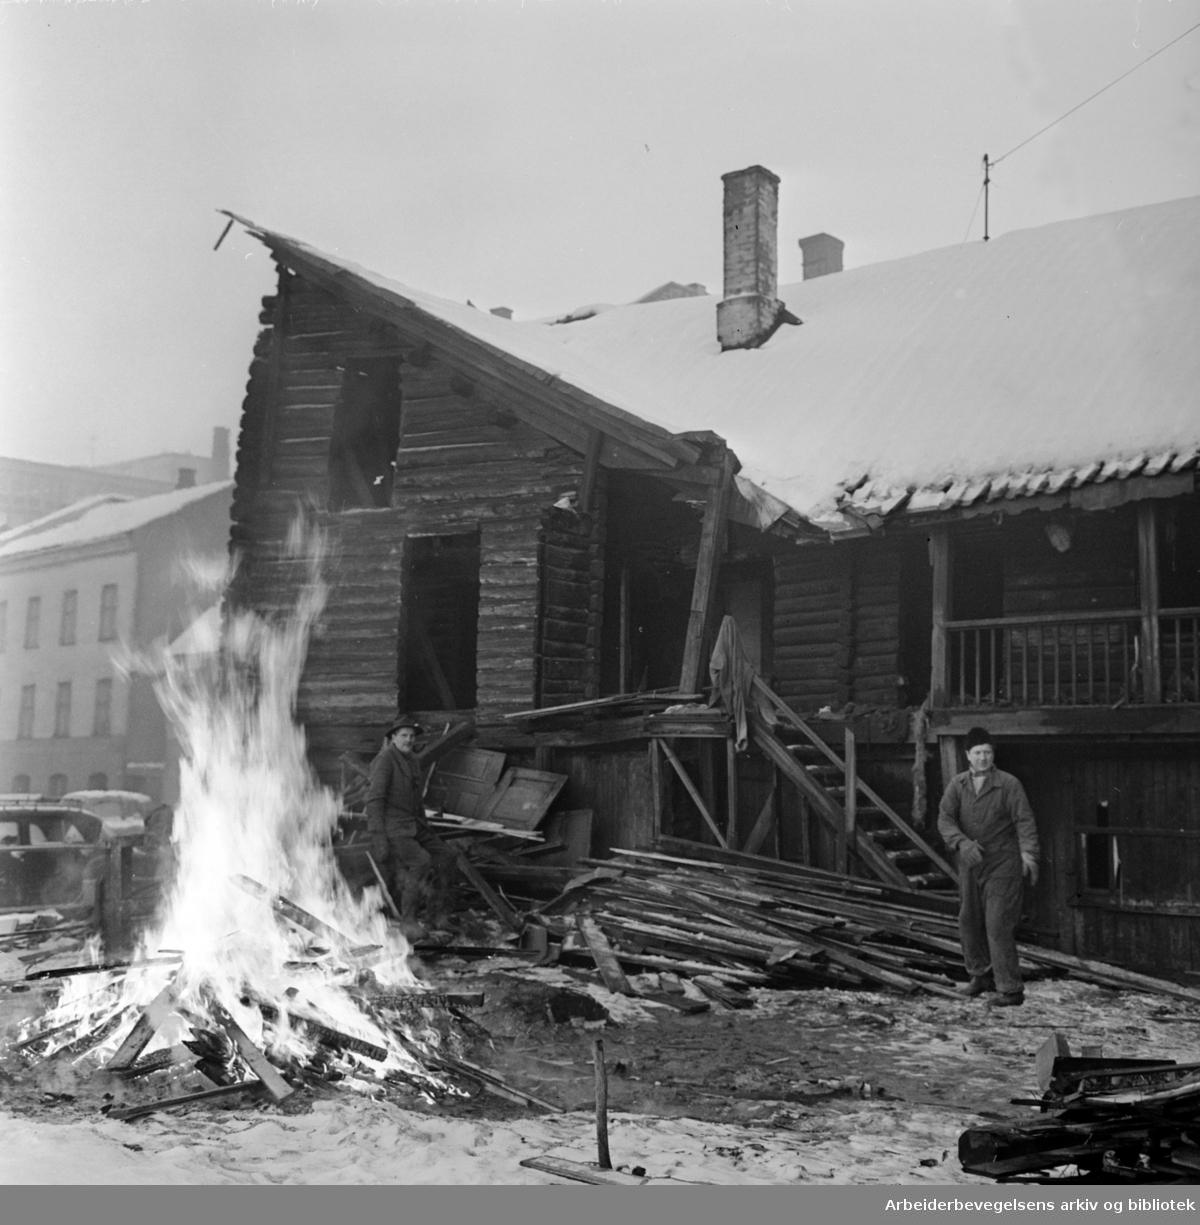 Vaterland. Saneringen. Gammel gård i Karl den 12.s gate har en gang vært kongelosje, blir nå revet og brent. Januar 1962